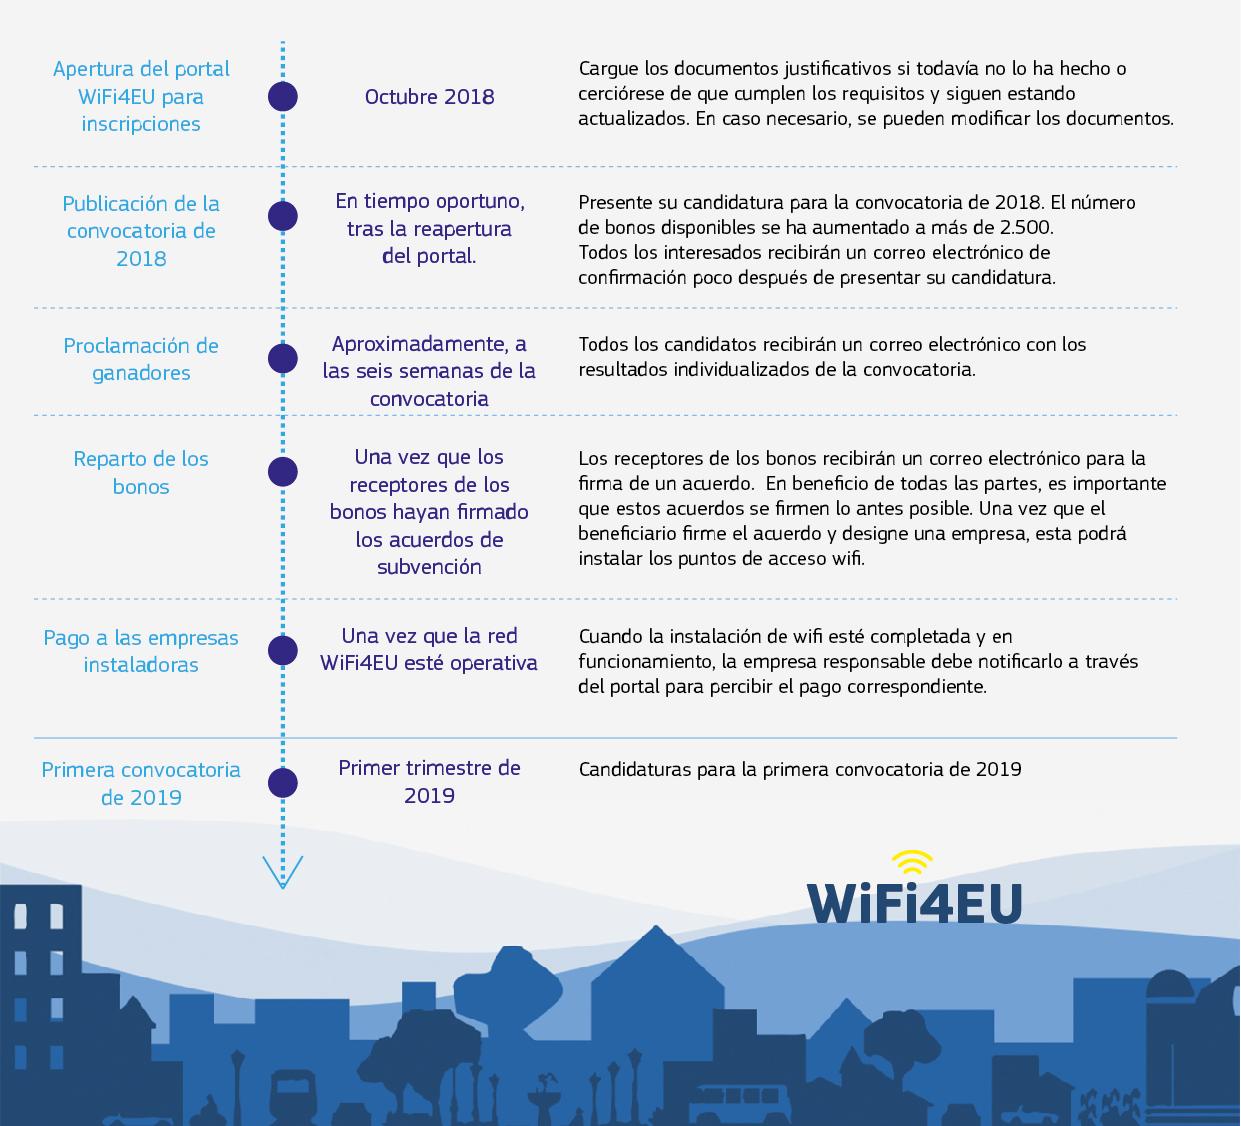 Hoja de ruta de WiFi4EU (actualizada a finales de septiembre de 2018)